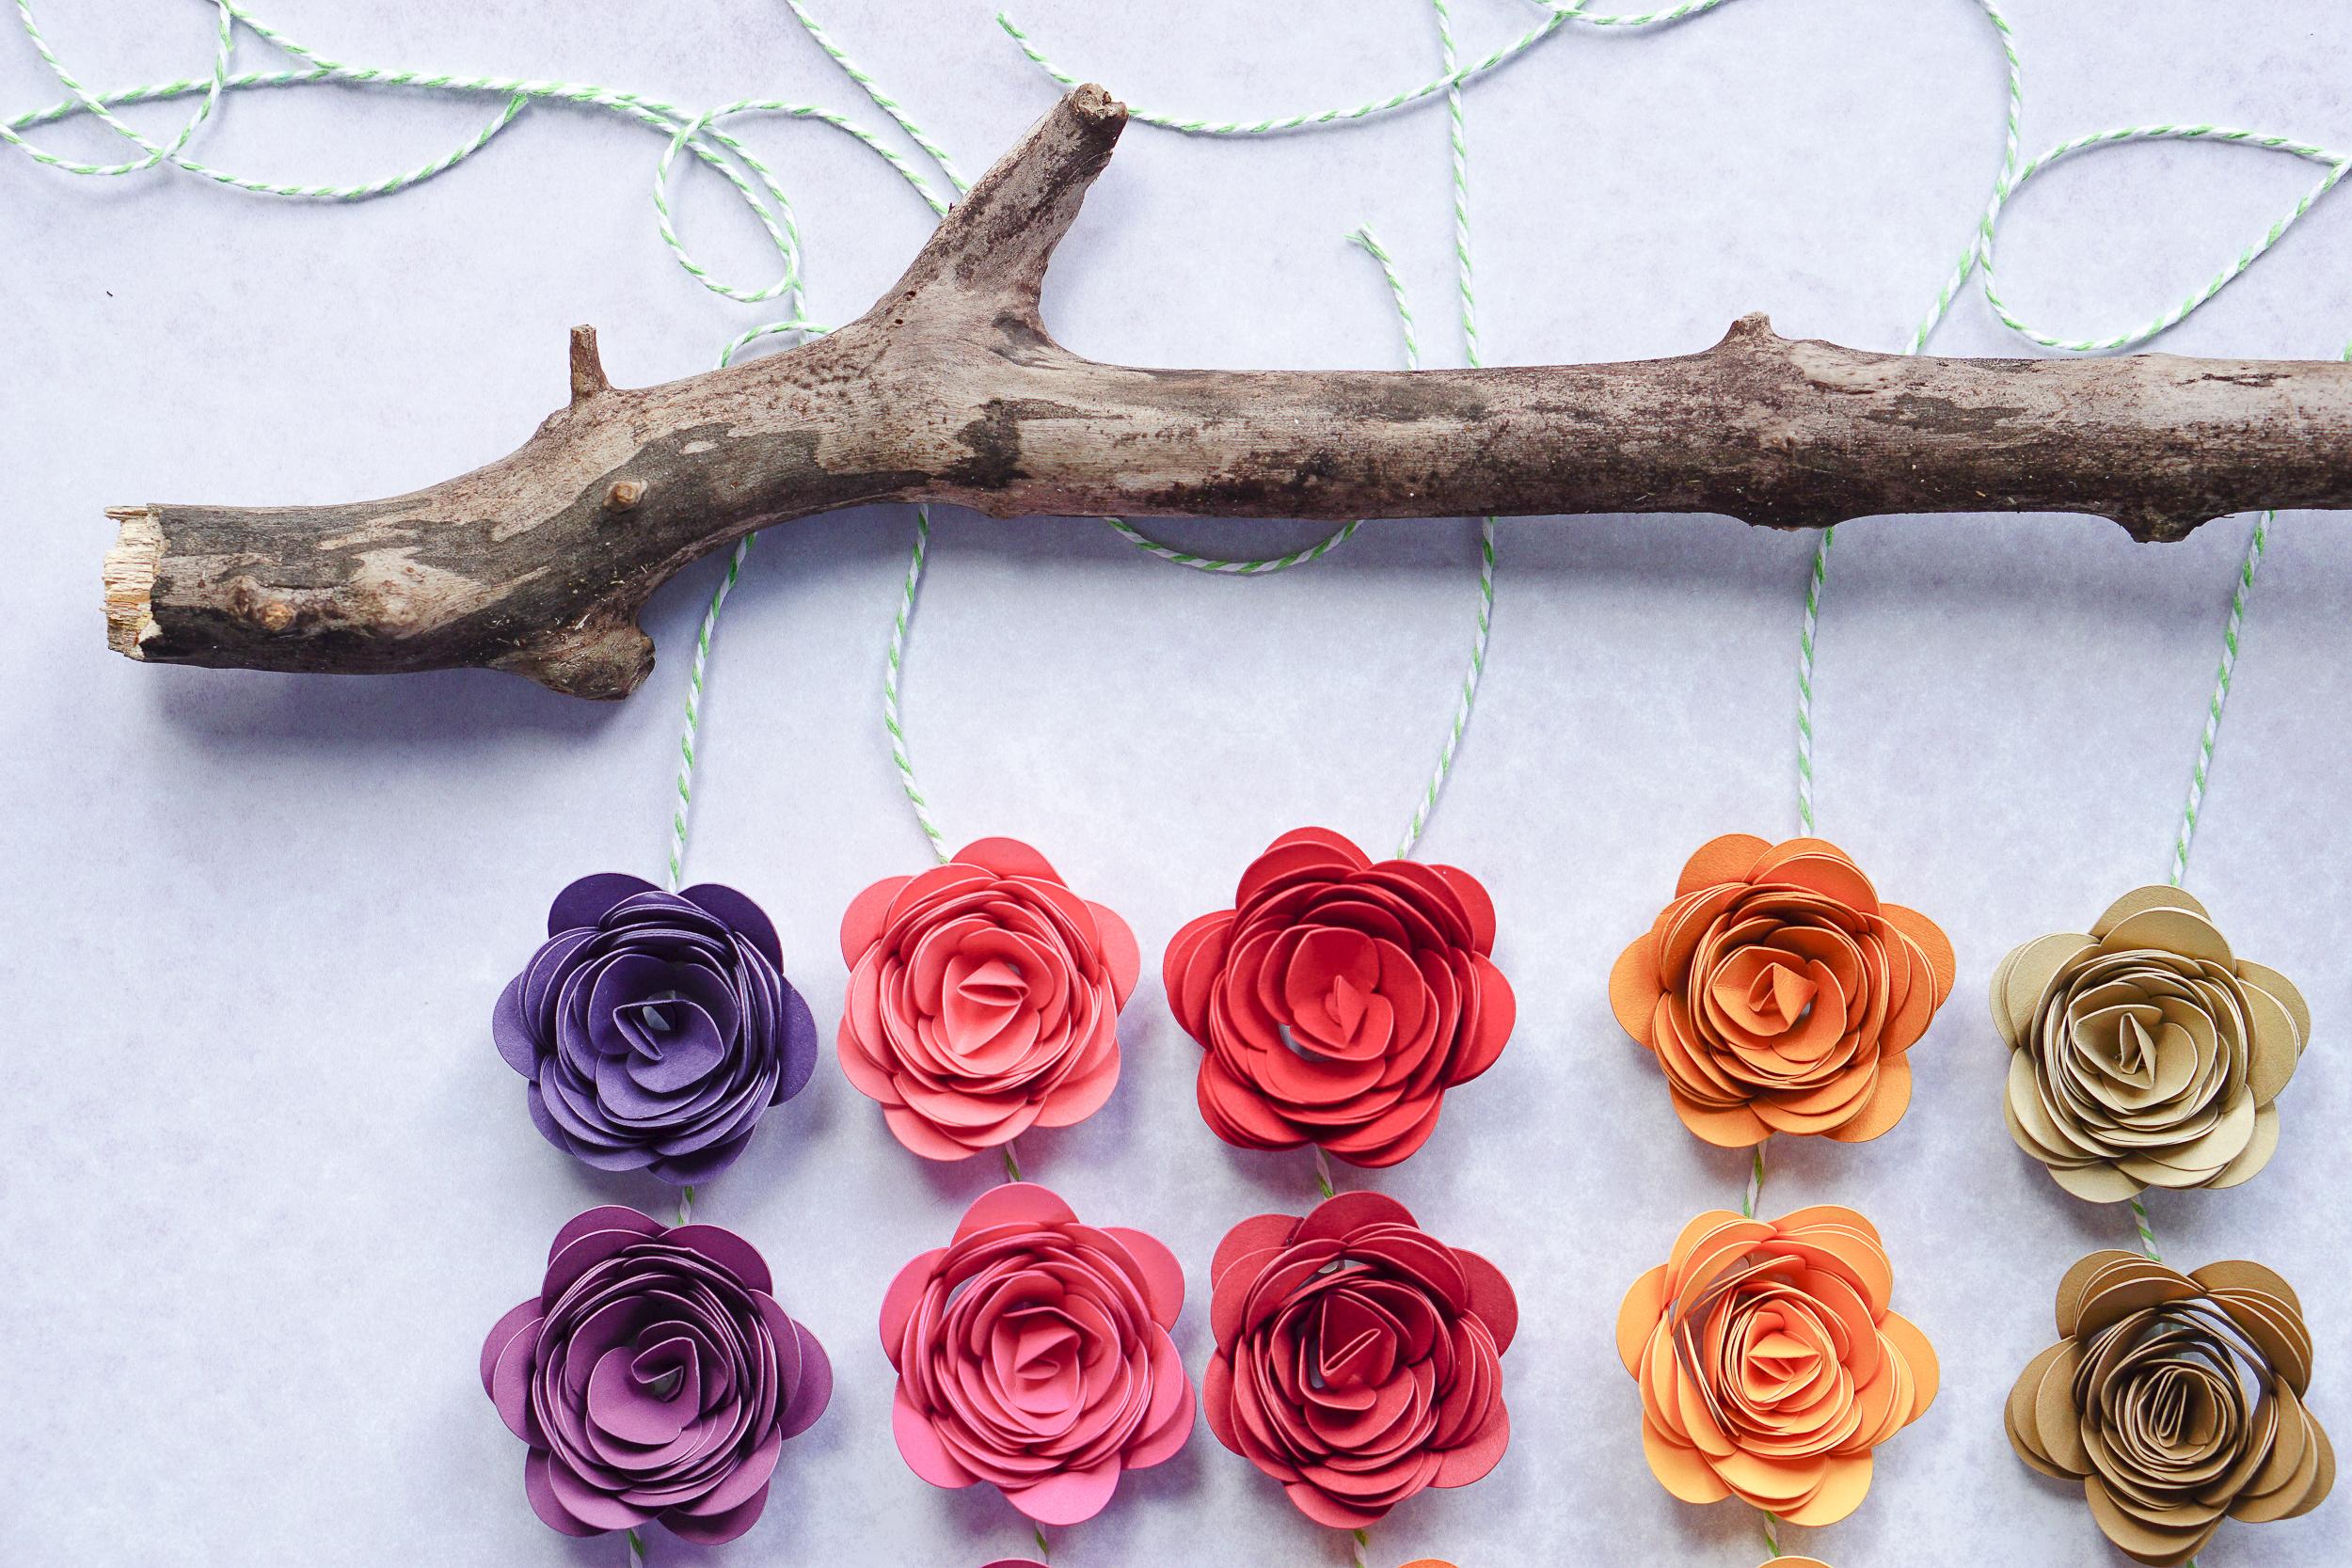 Cricut Maker flower project